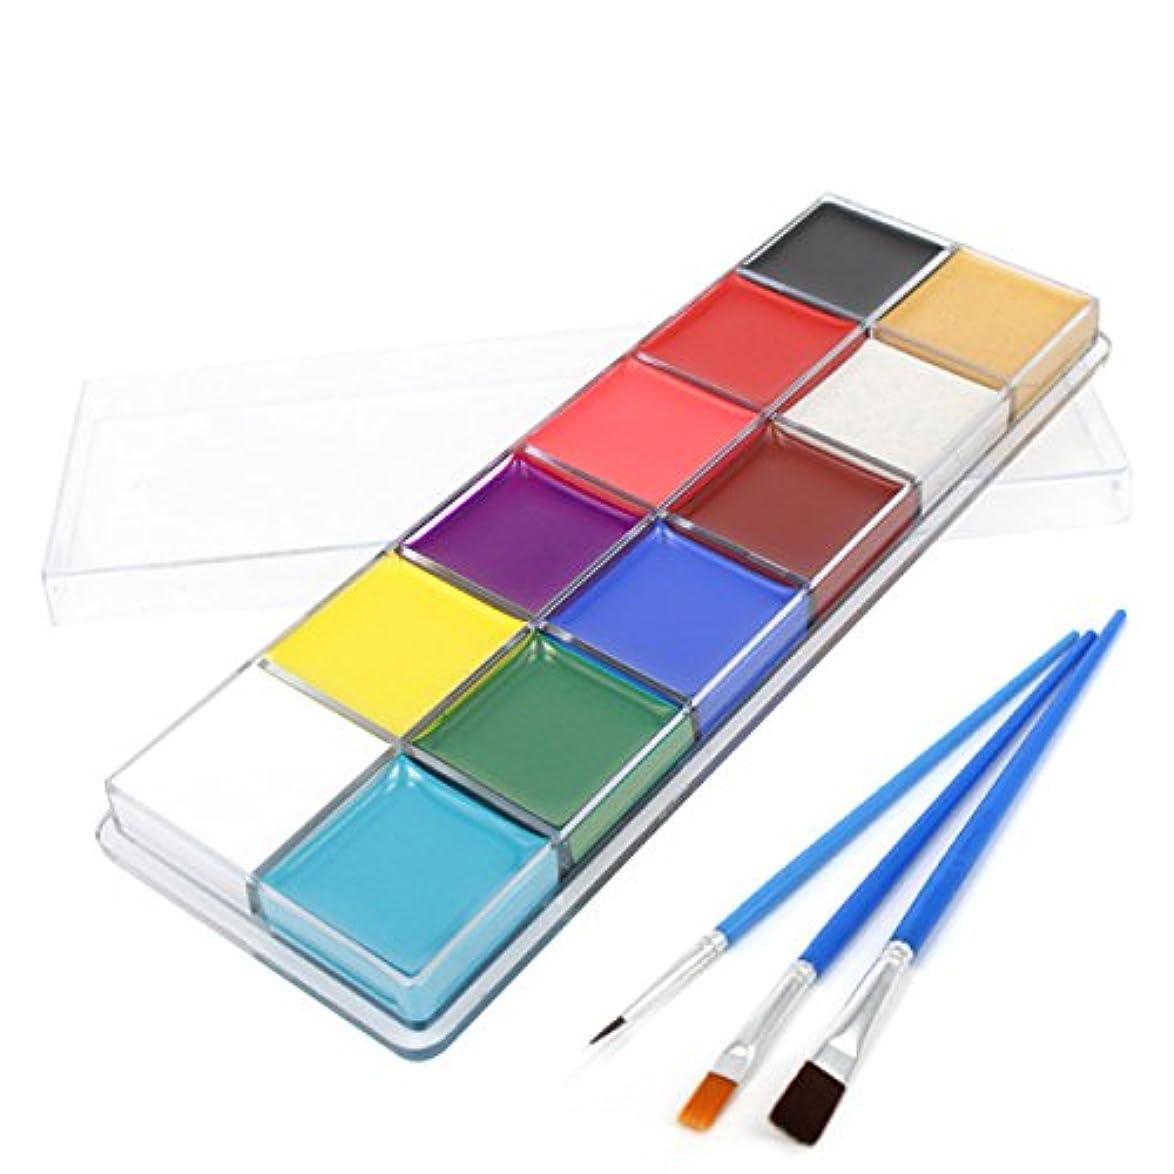 阻害する平野立派なBeaupretty Face Painting Kits Professional 12 Colors Art Party Fancy Make Up Set with brush